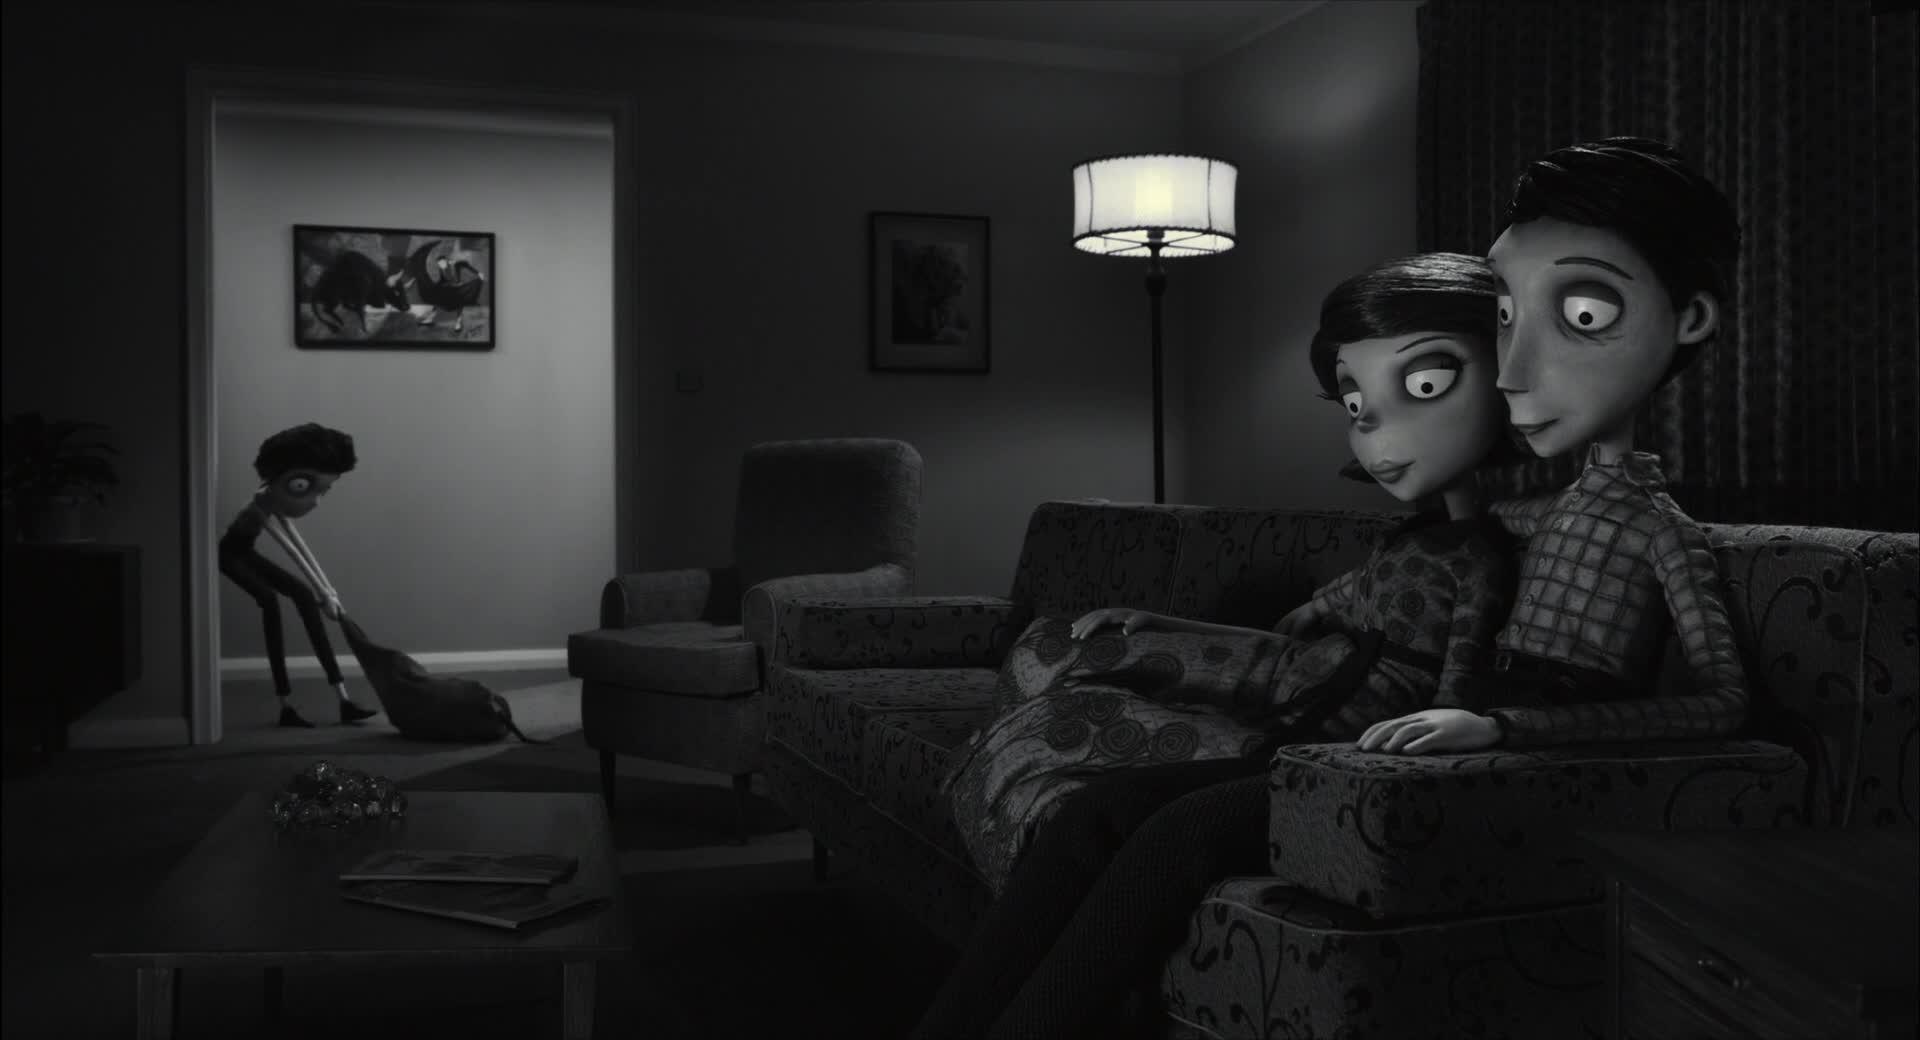 Frankenweenie film still 9